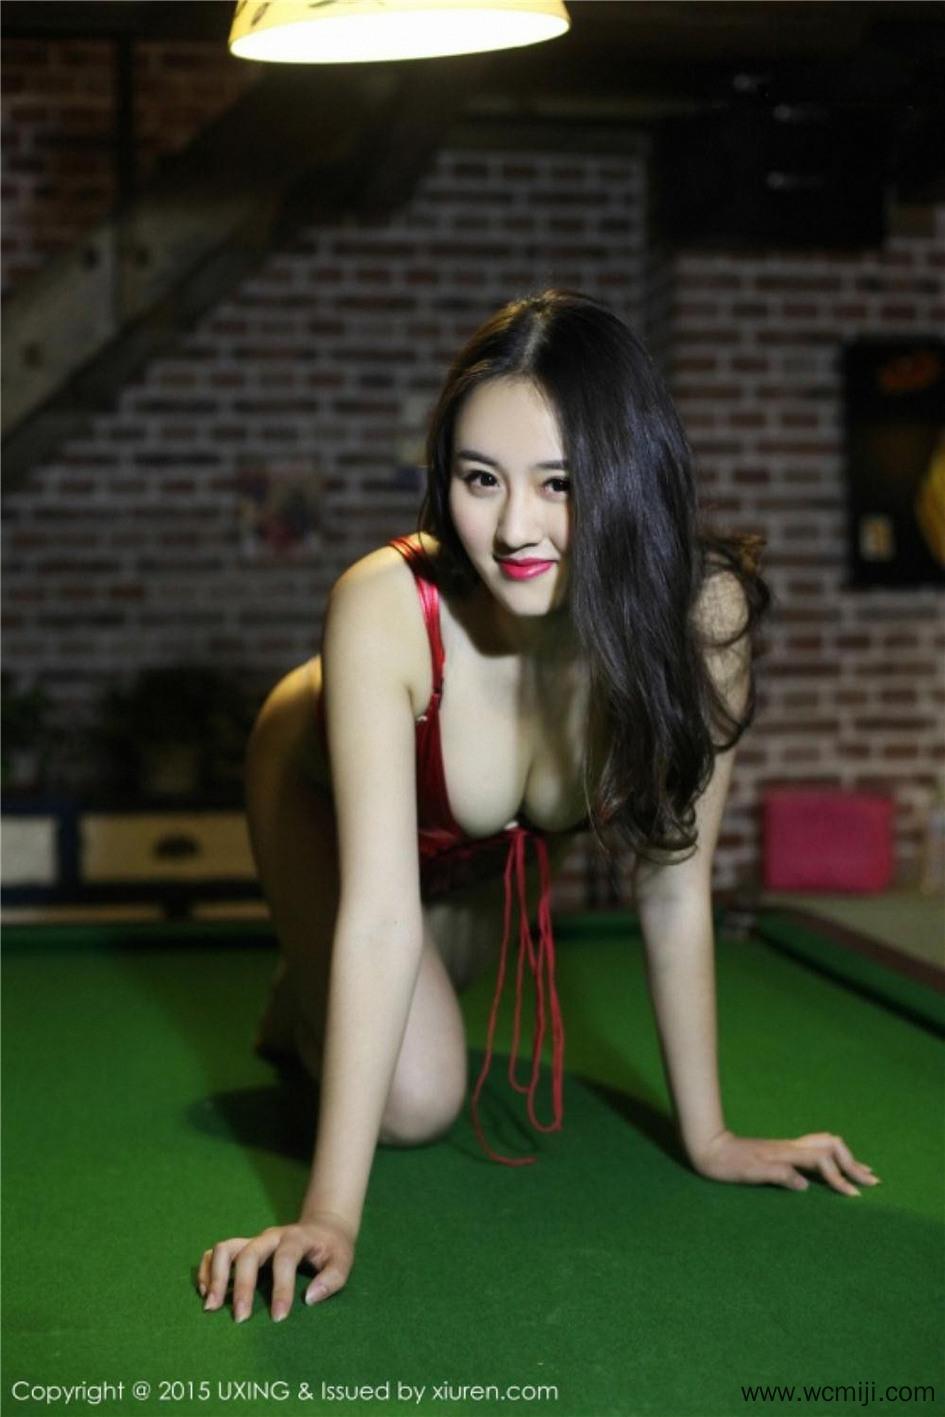 【写真集】【Romi王朝朝】Romi王朝朝性感美女诱惑VOL.012【42P】 写真集